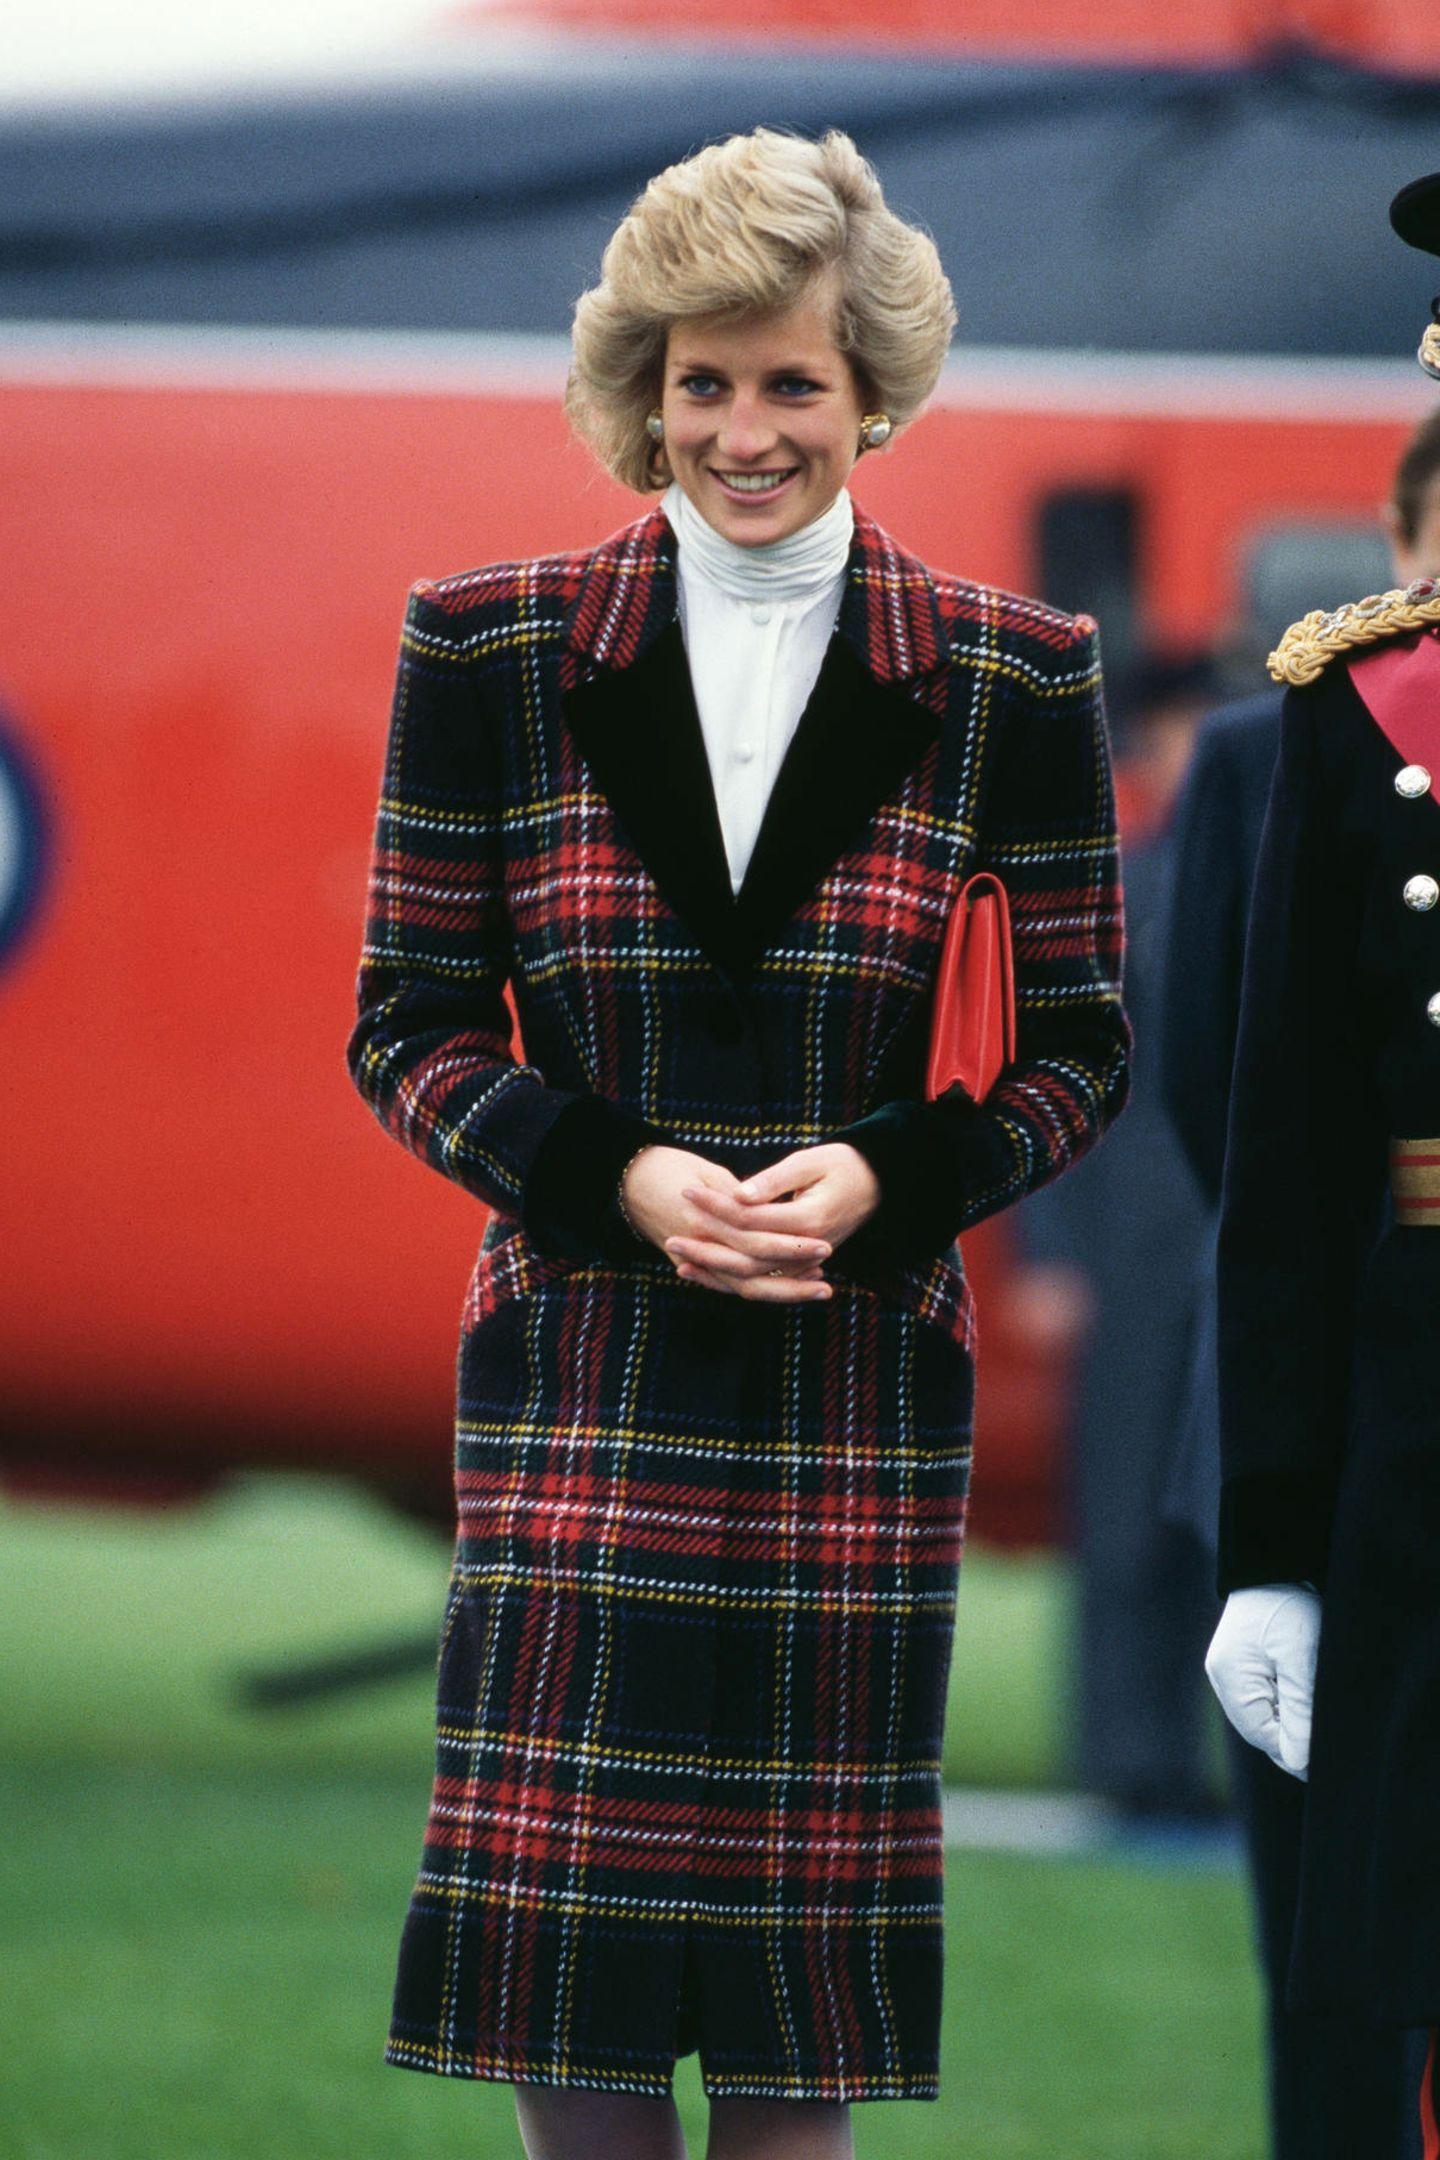 Die Vorlage des Filmlooks: Prinzessin Dianas karierter Wollmantel von Catherine Walkermit breitem Revers, Schulterpolstern und einem weißen Rollkragenpullover. Das Foto stammt aus dem Jahr 1989.